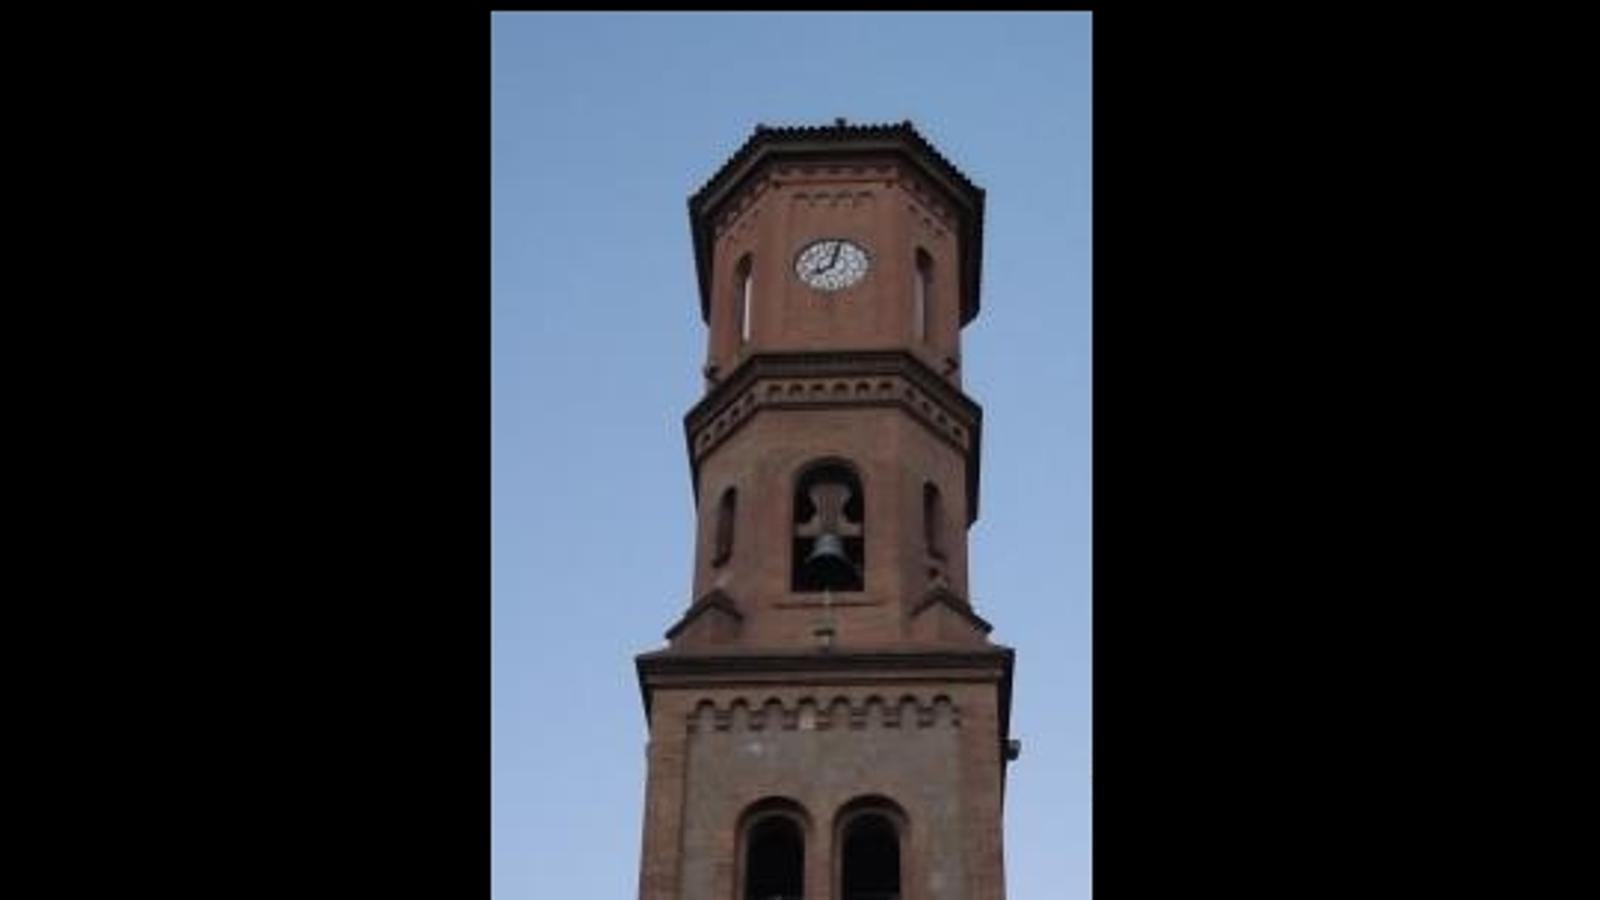 Els campaners de sant feliu de llobregat denuncien que el - El tiempo sant feliu de llobregat ...